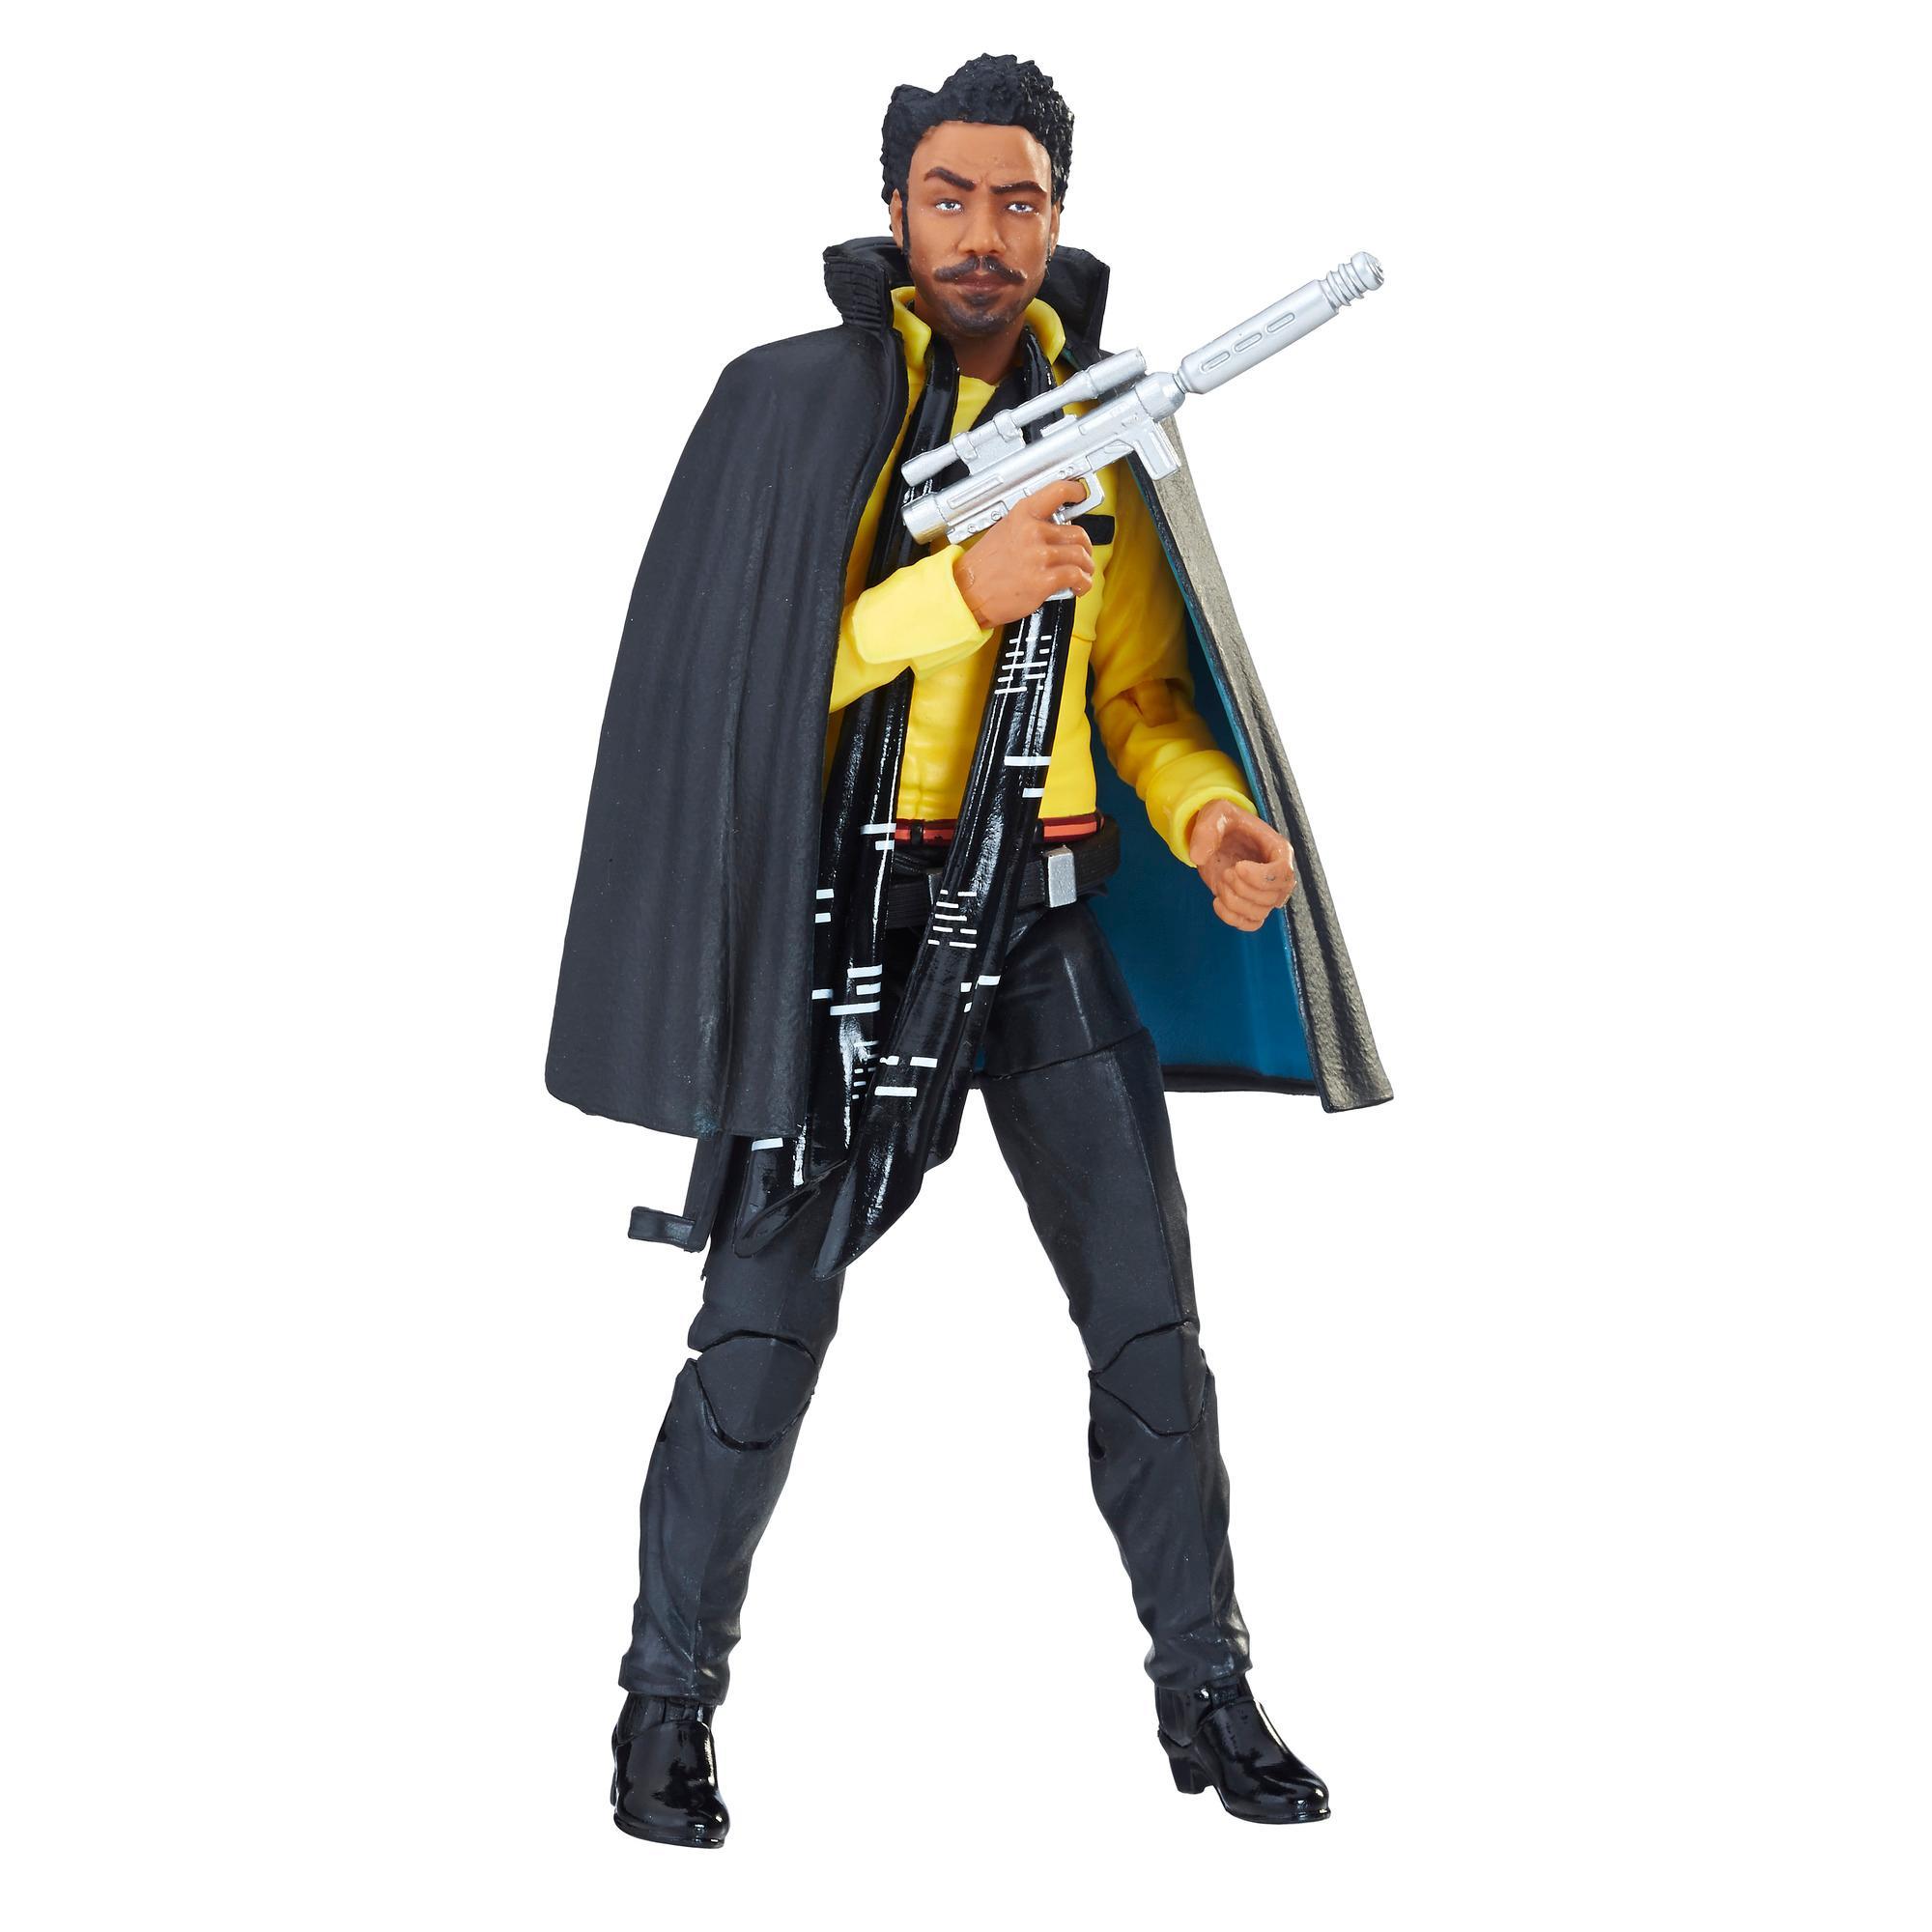 Star Wars The Black Series - Lando Calrissian de 15 cm